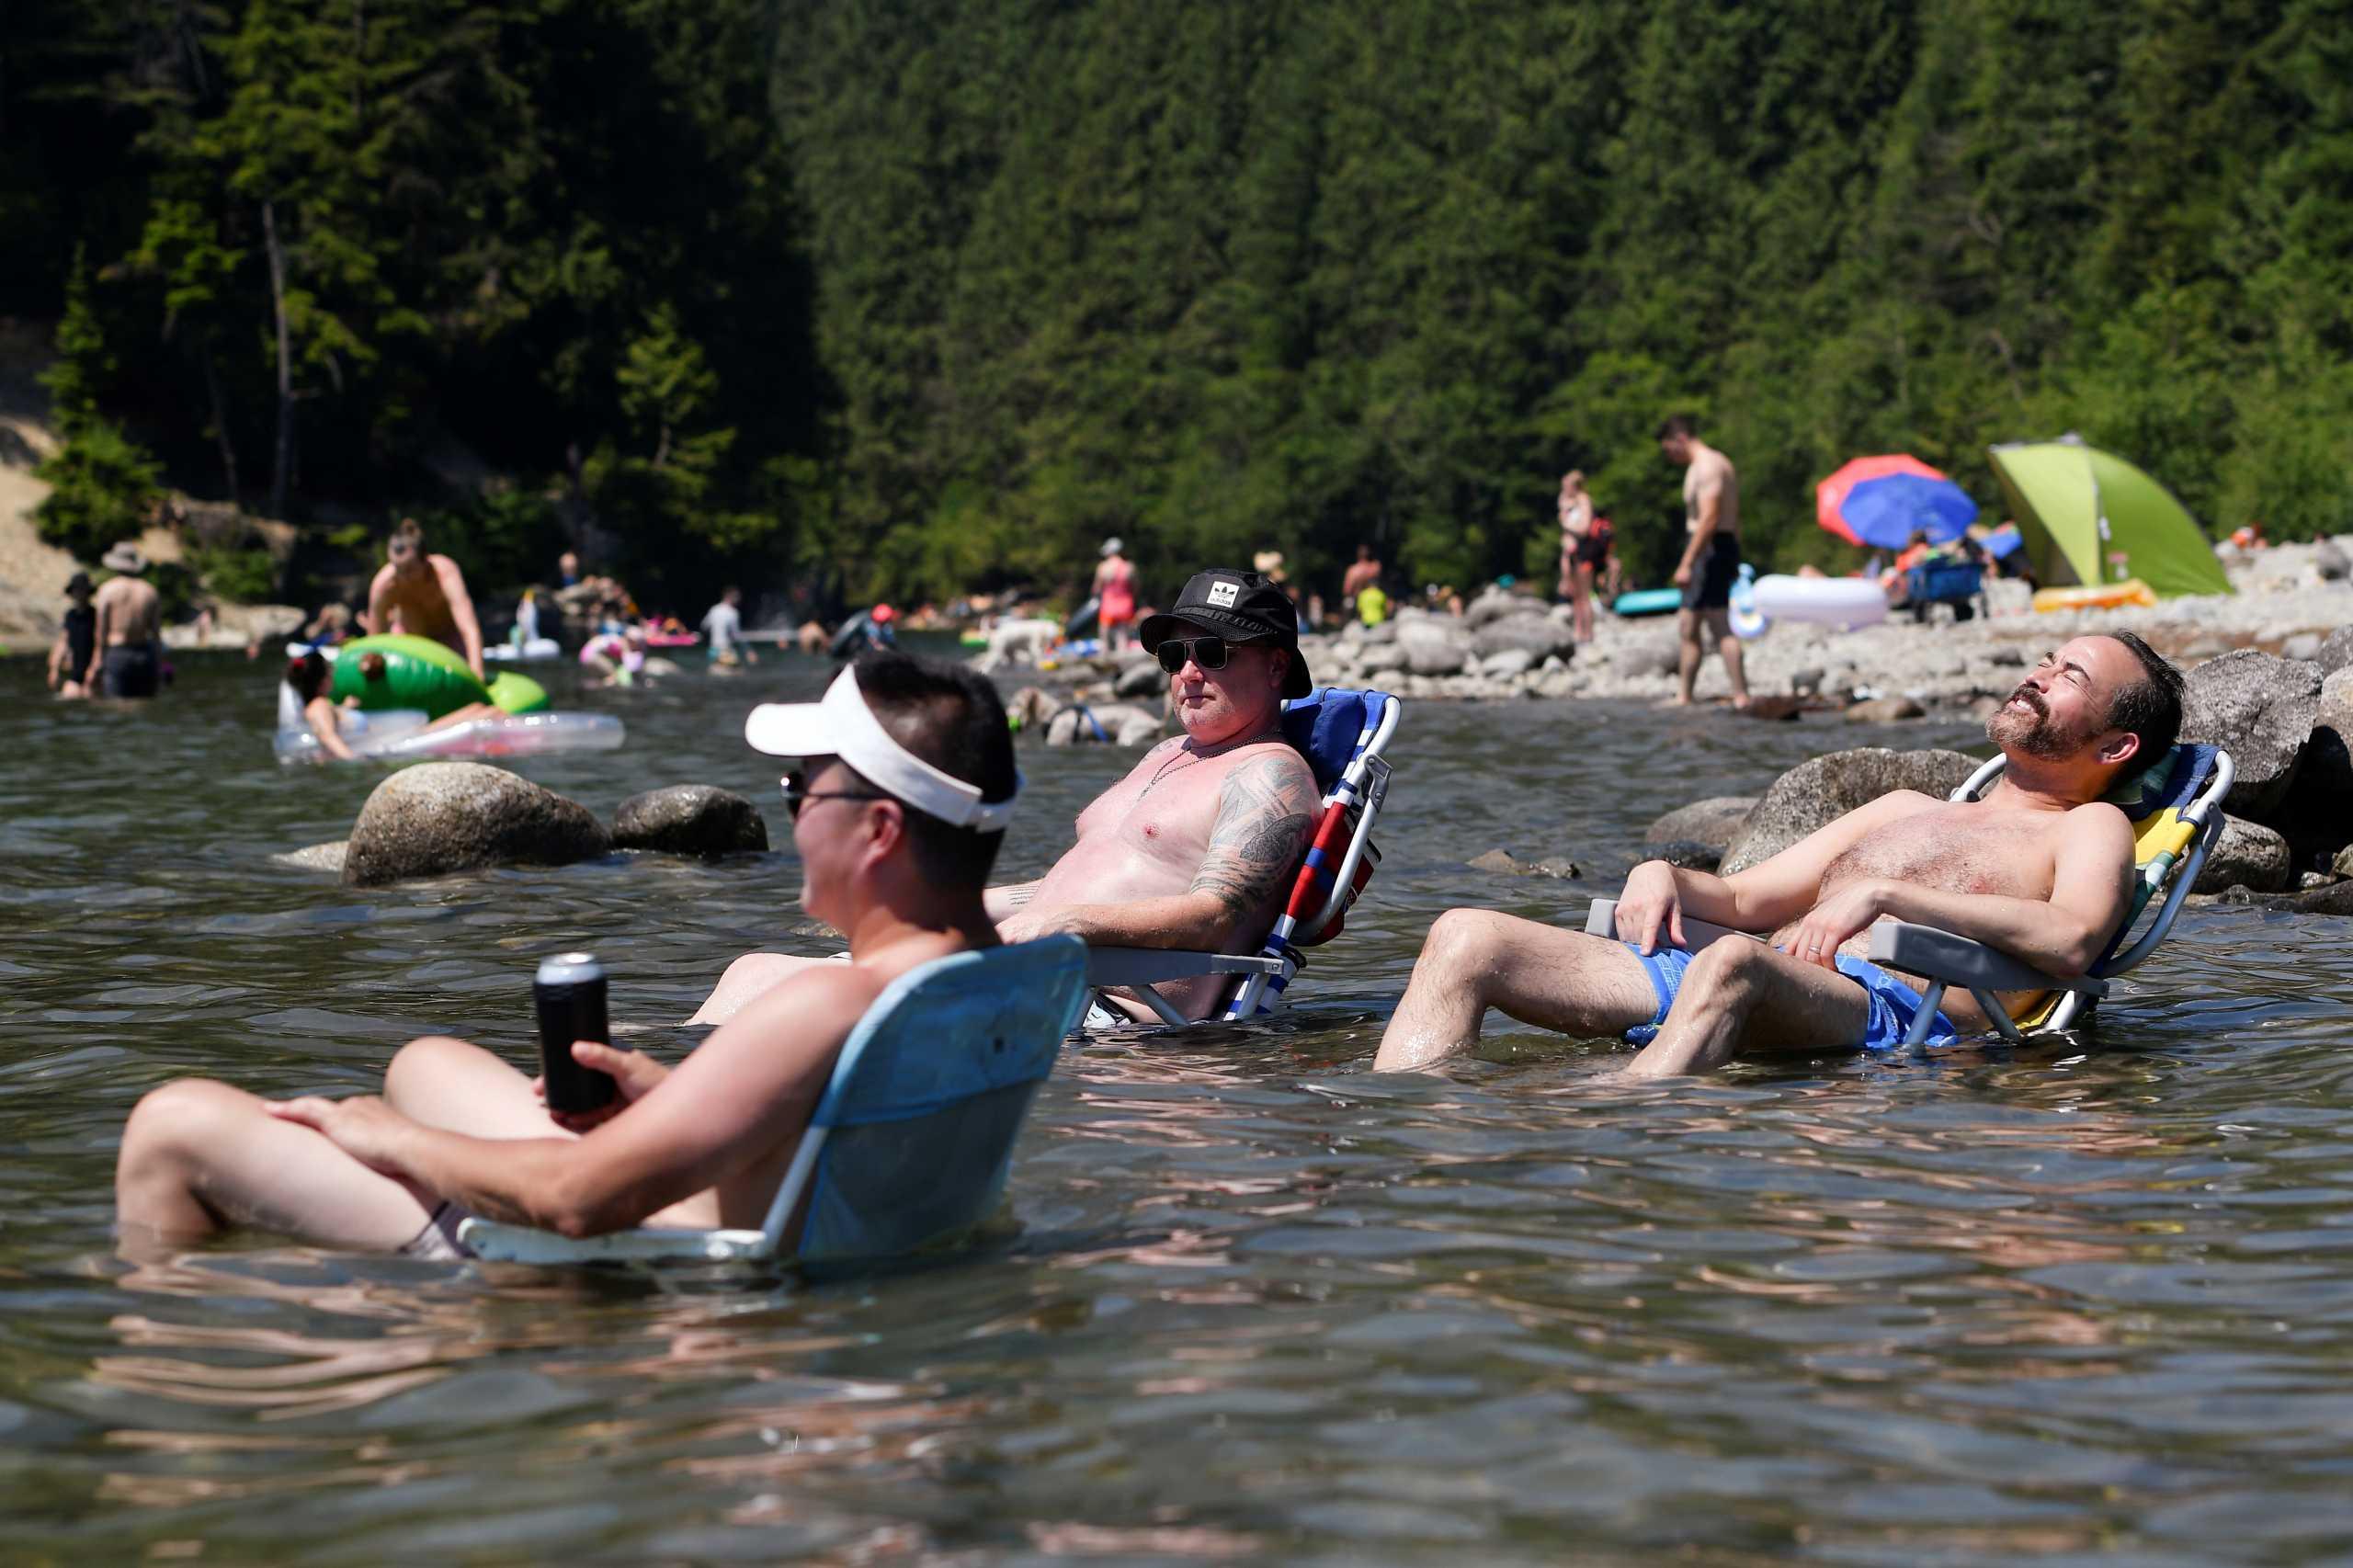 Καύσωνας φονιάς στον Καναδά – Πάνω από 230 νεκροί μετά τους 49,6 βαθμούς Κελσίου